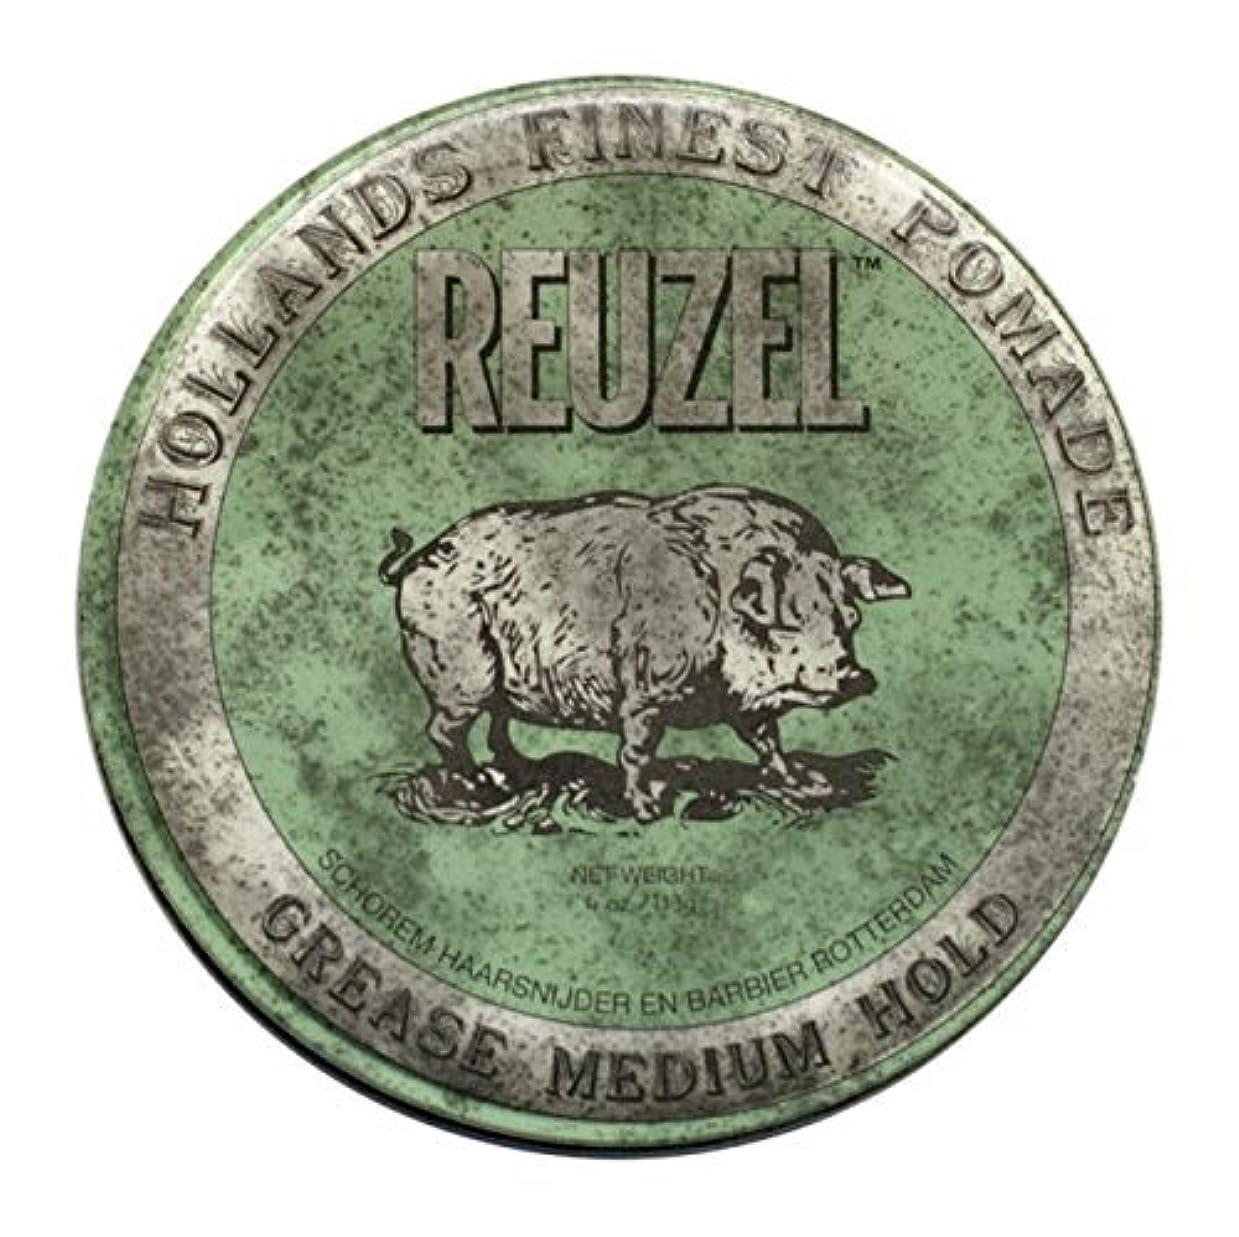 タンカー廃棄するバーターREUZEL Grease Hold Hair Styling Pomade Piglet Wax/Gel, Medium, Green, 1.3 oz, 35g [並行輸入品]